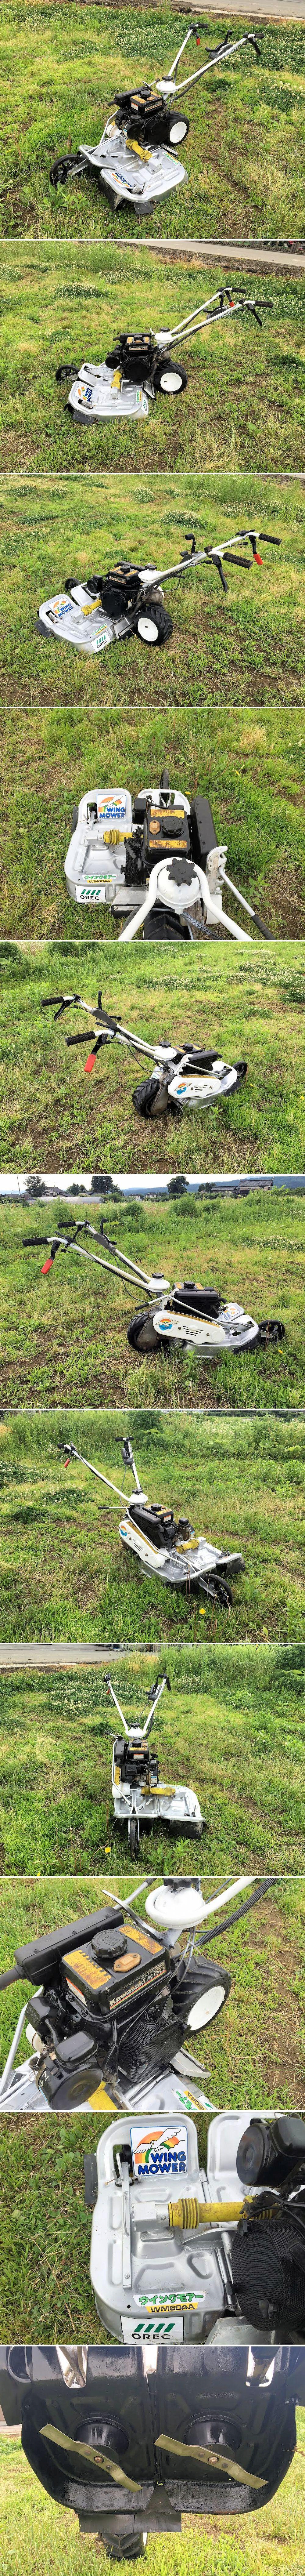 オーレック ウィングモア 二面畦草刈機WM604A 4馬力ナイフネックガード、爪新品搭載